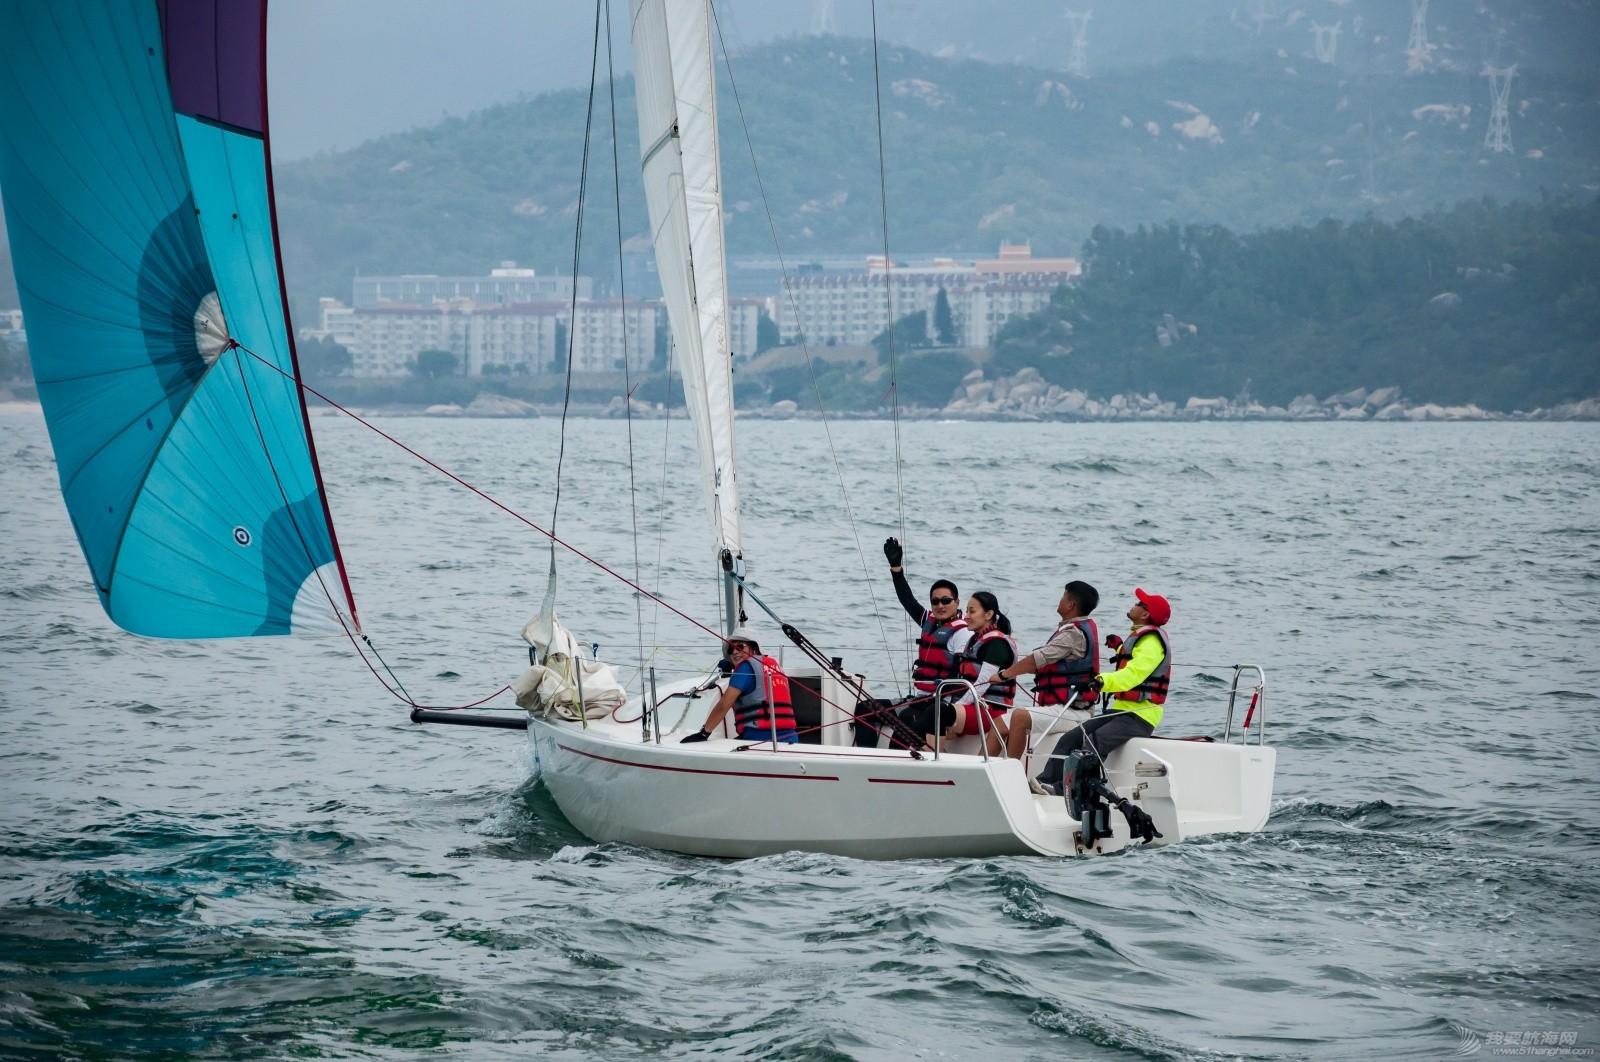 【2015大鹏杯帆船赛】51航海网船队在比赛中 s004.jpg